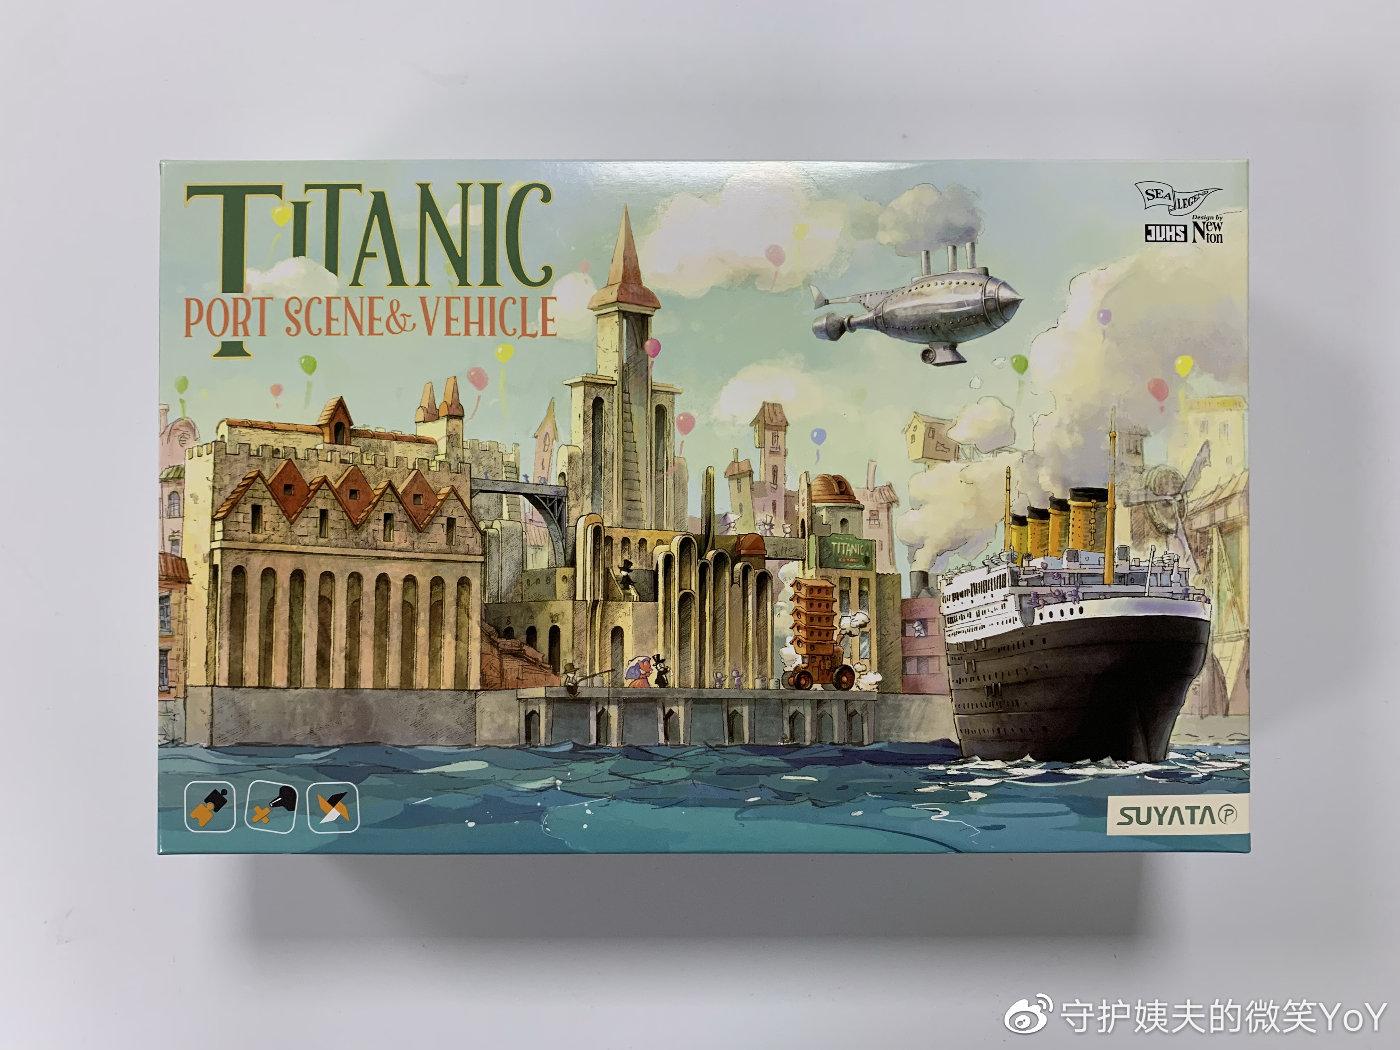 S484_2_RMS_Titanic_SOUTHAMPTON_002.jpg